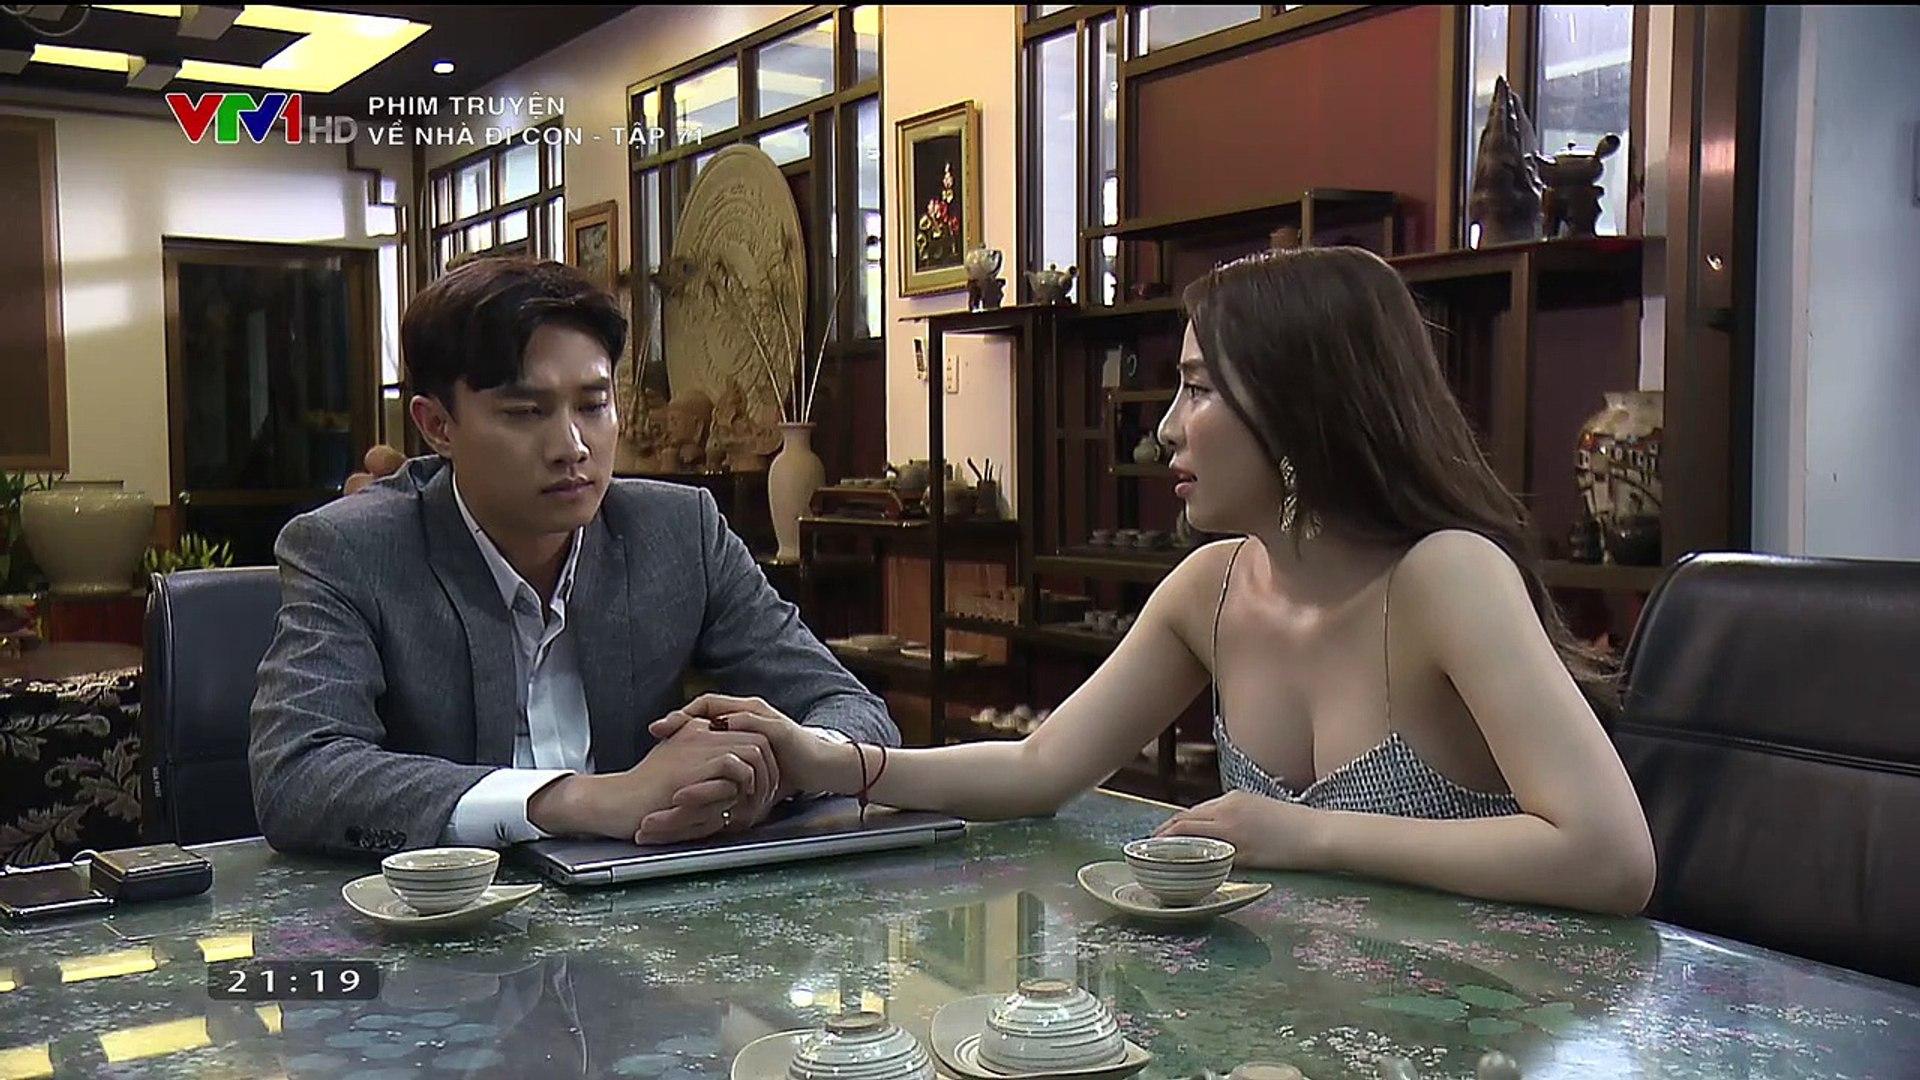 Về nhà đi con [Tập 71 HD] | Phim Việt Nam 2019 | Bản chuẩn VTV